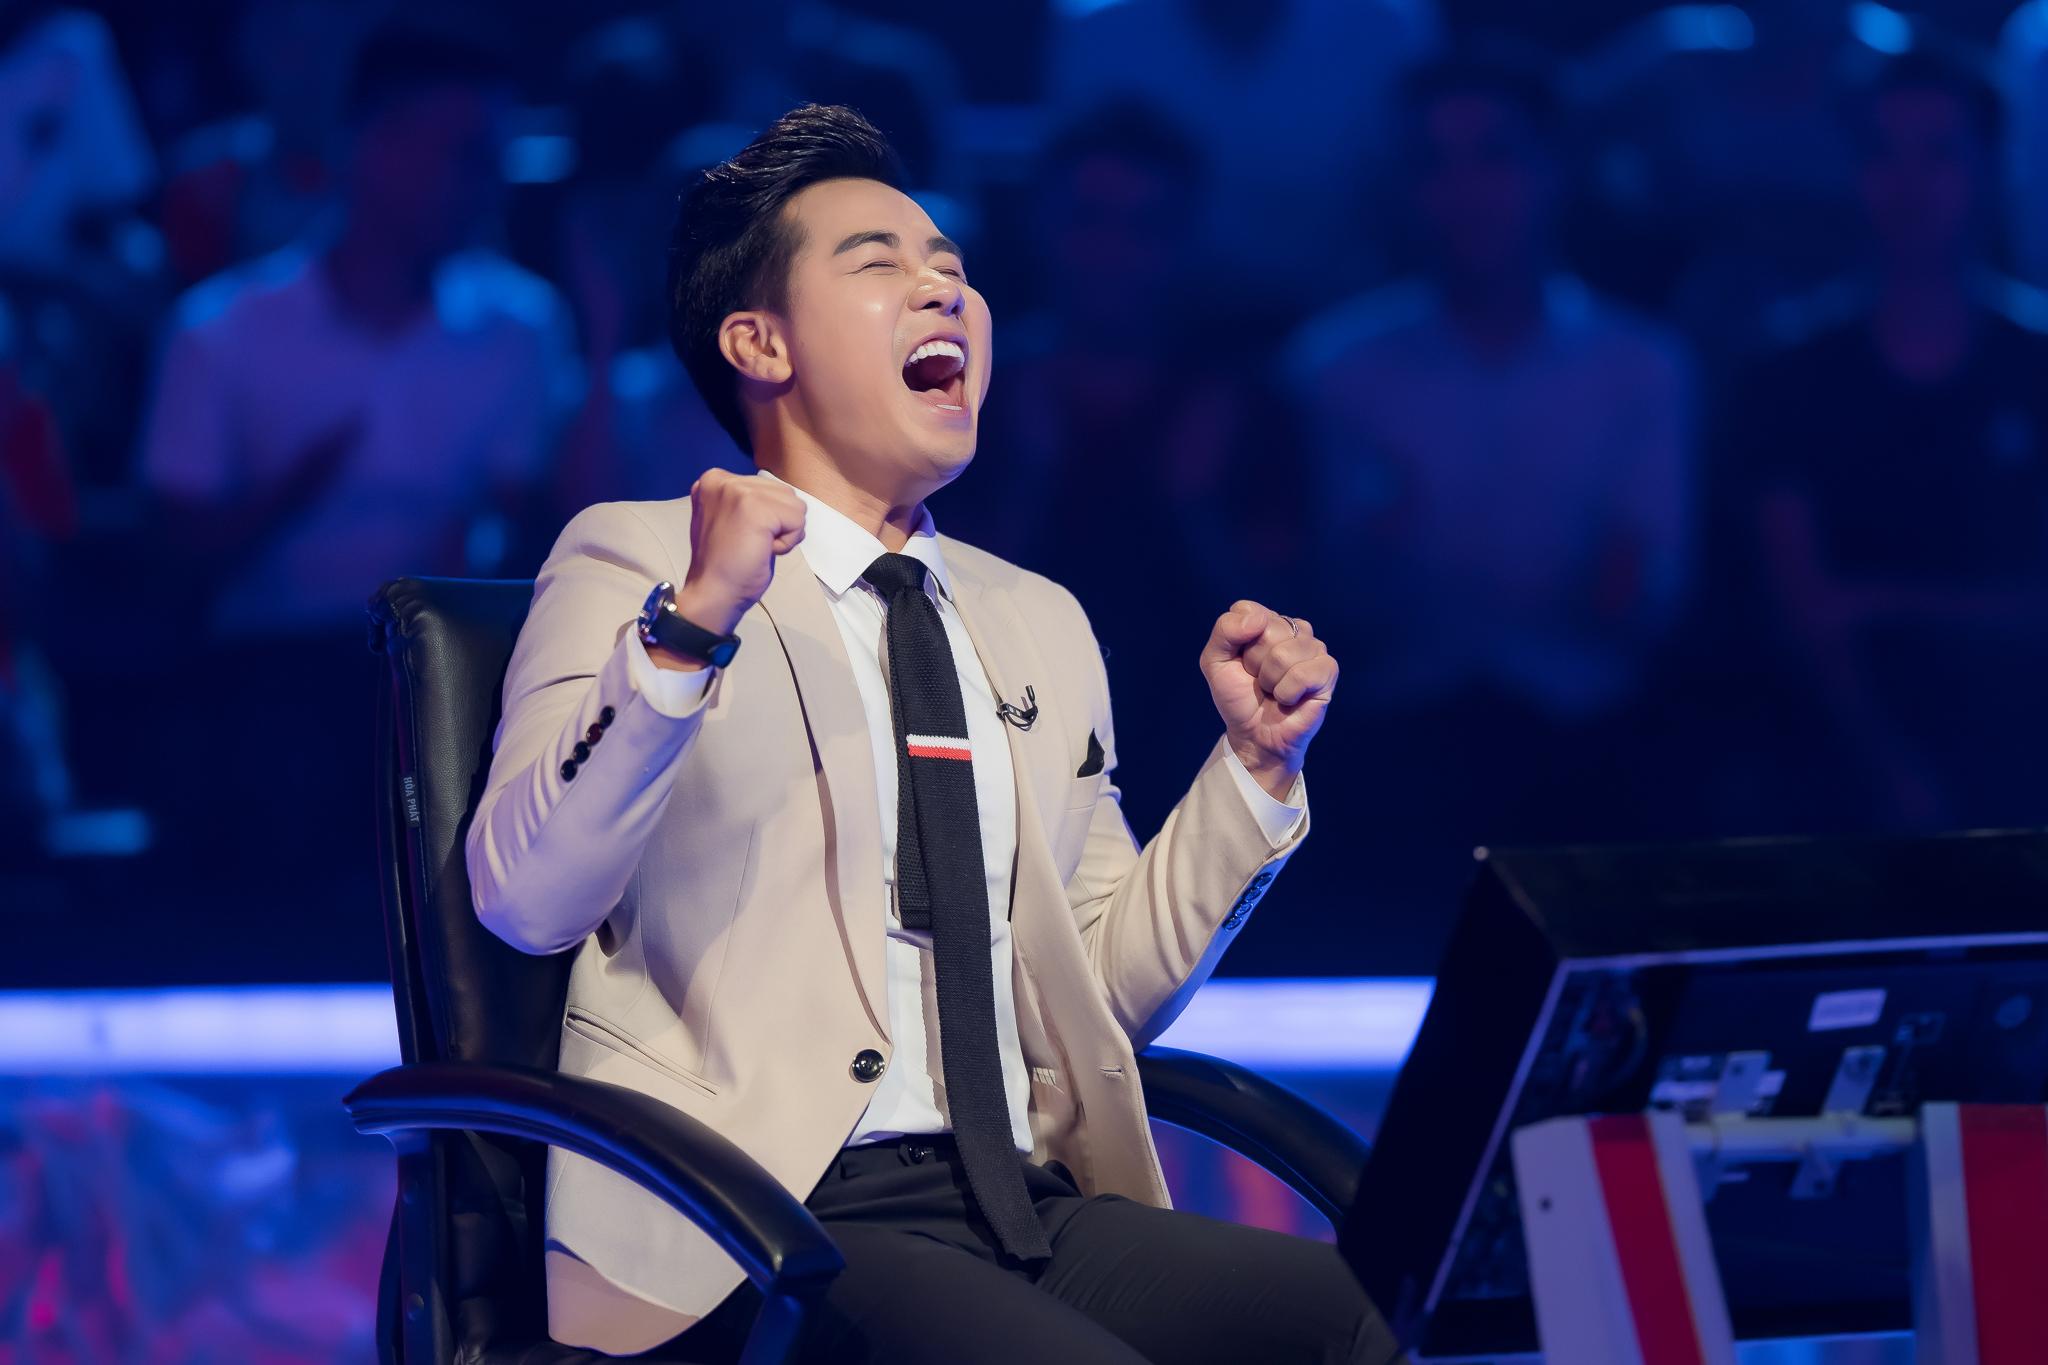 Phan Đăng ngỡ ngàng lần đầu bị 'cướp mic' trên sân khấu Ai là triệu phú 3